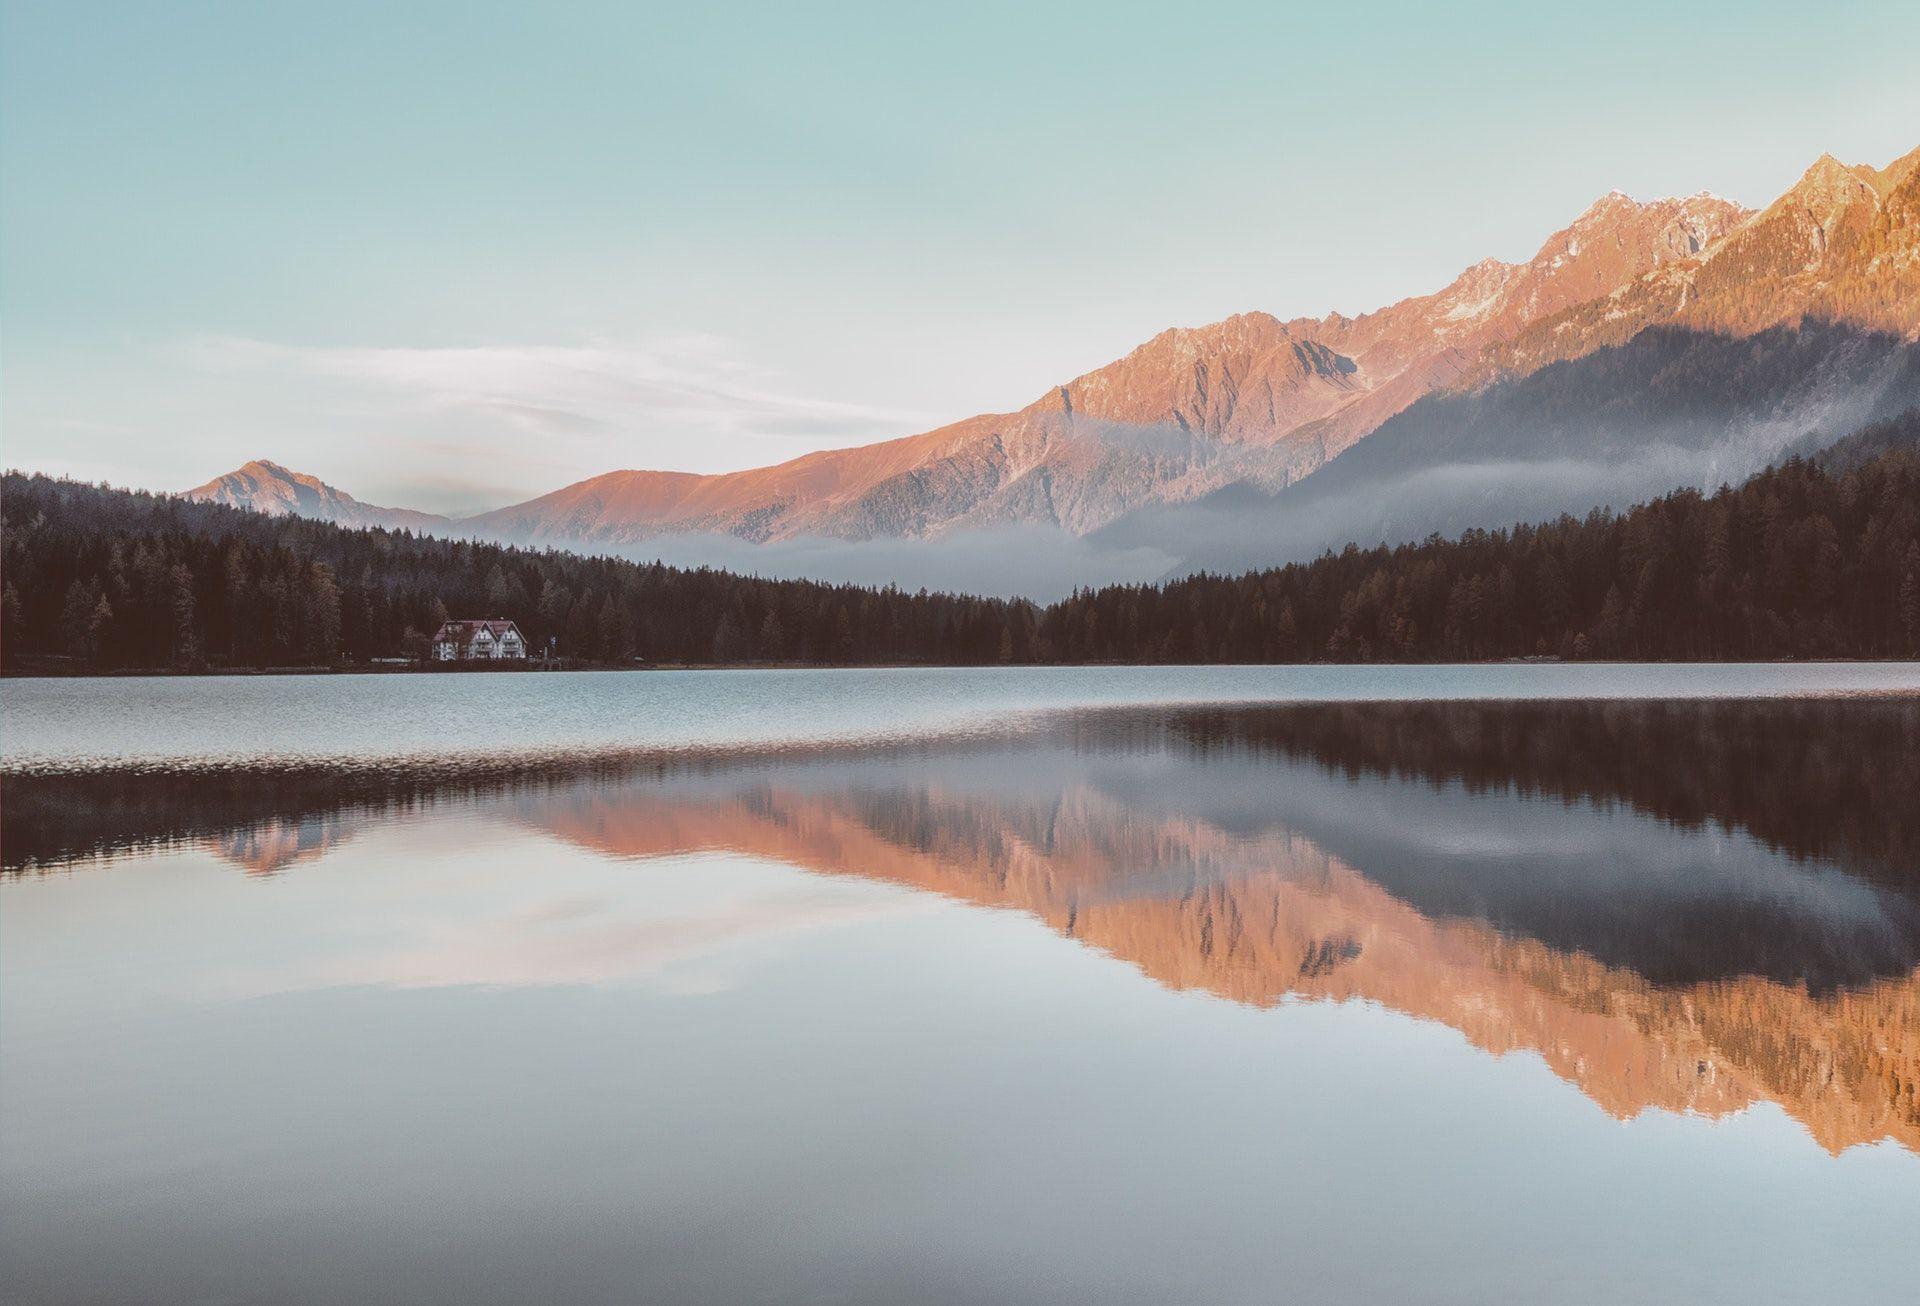 عکس زمینه رفلکس کوه در آب دریاچه پس زمینه